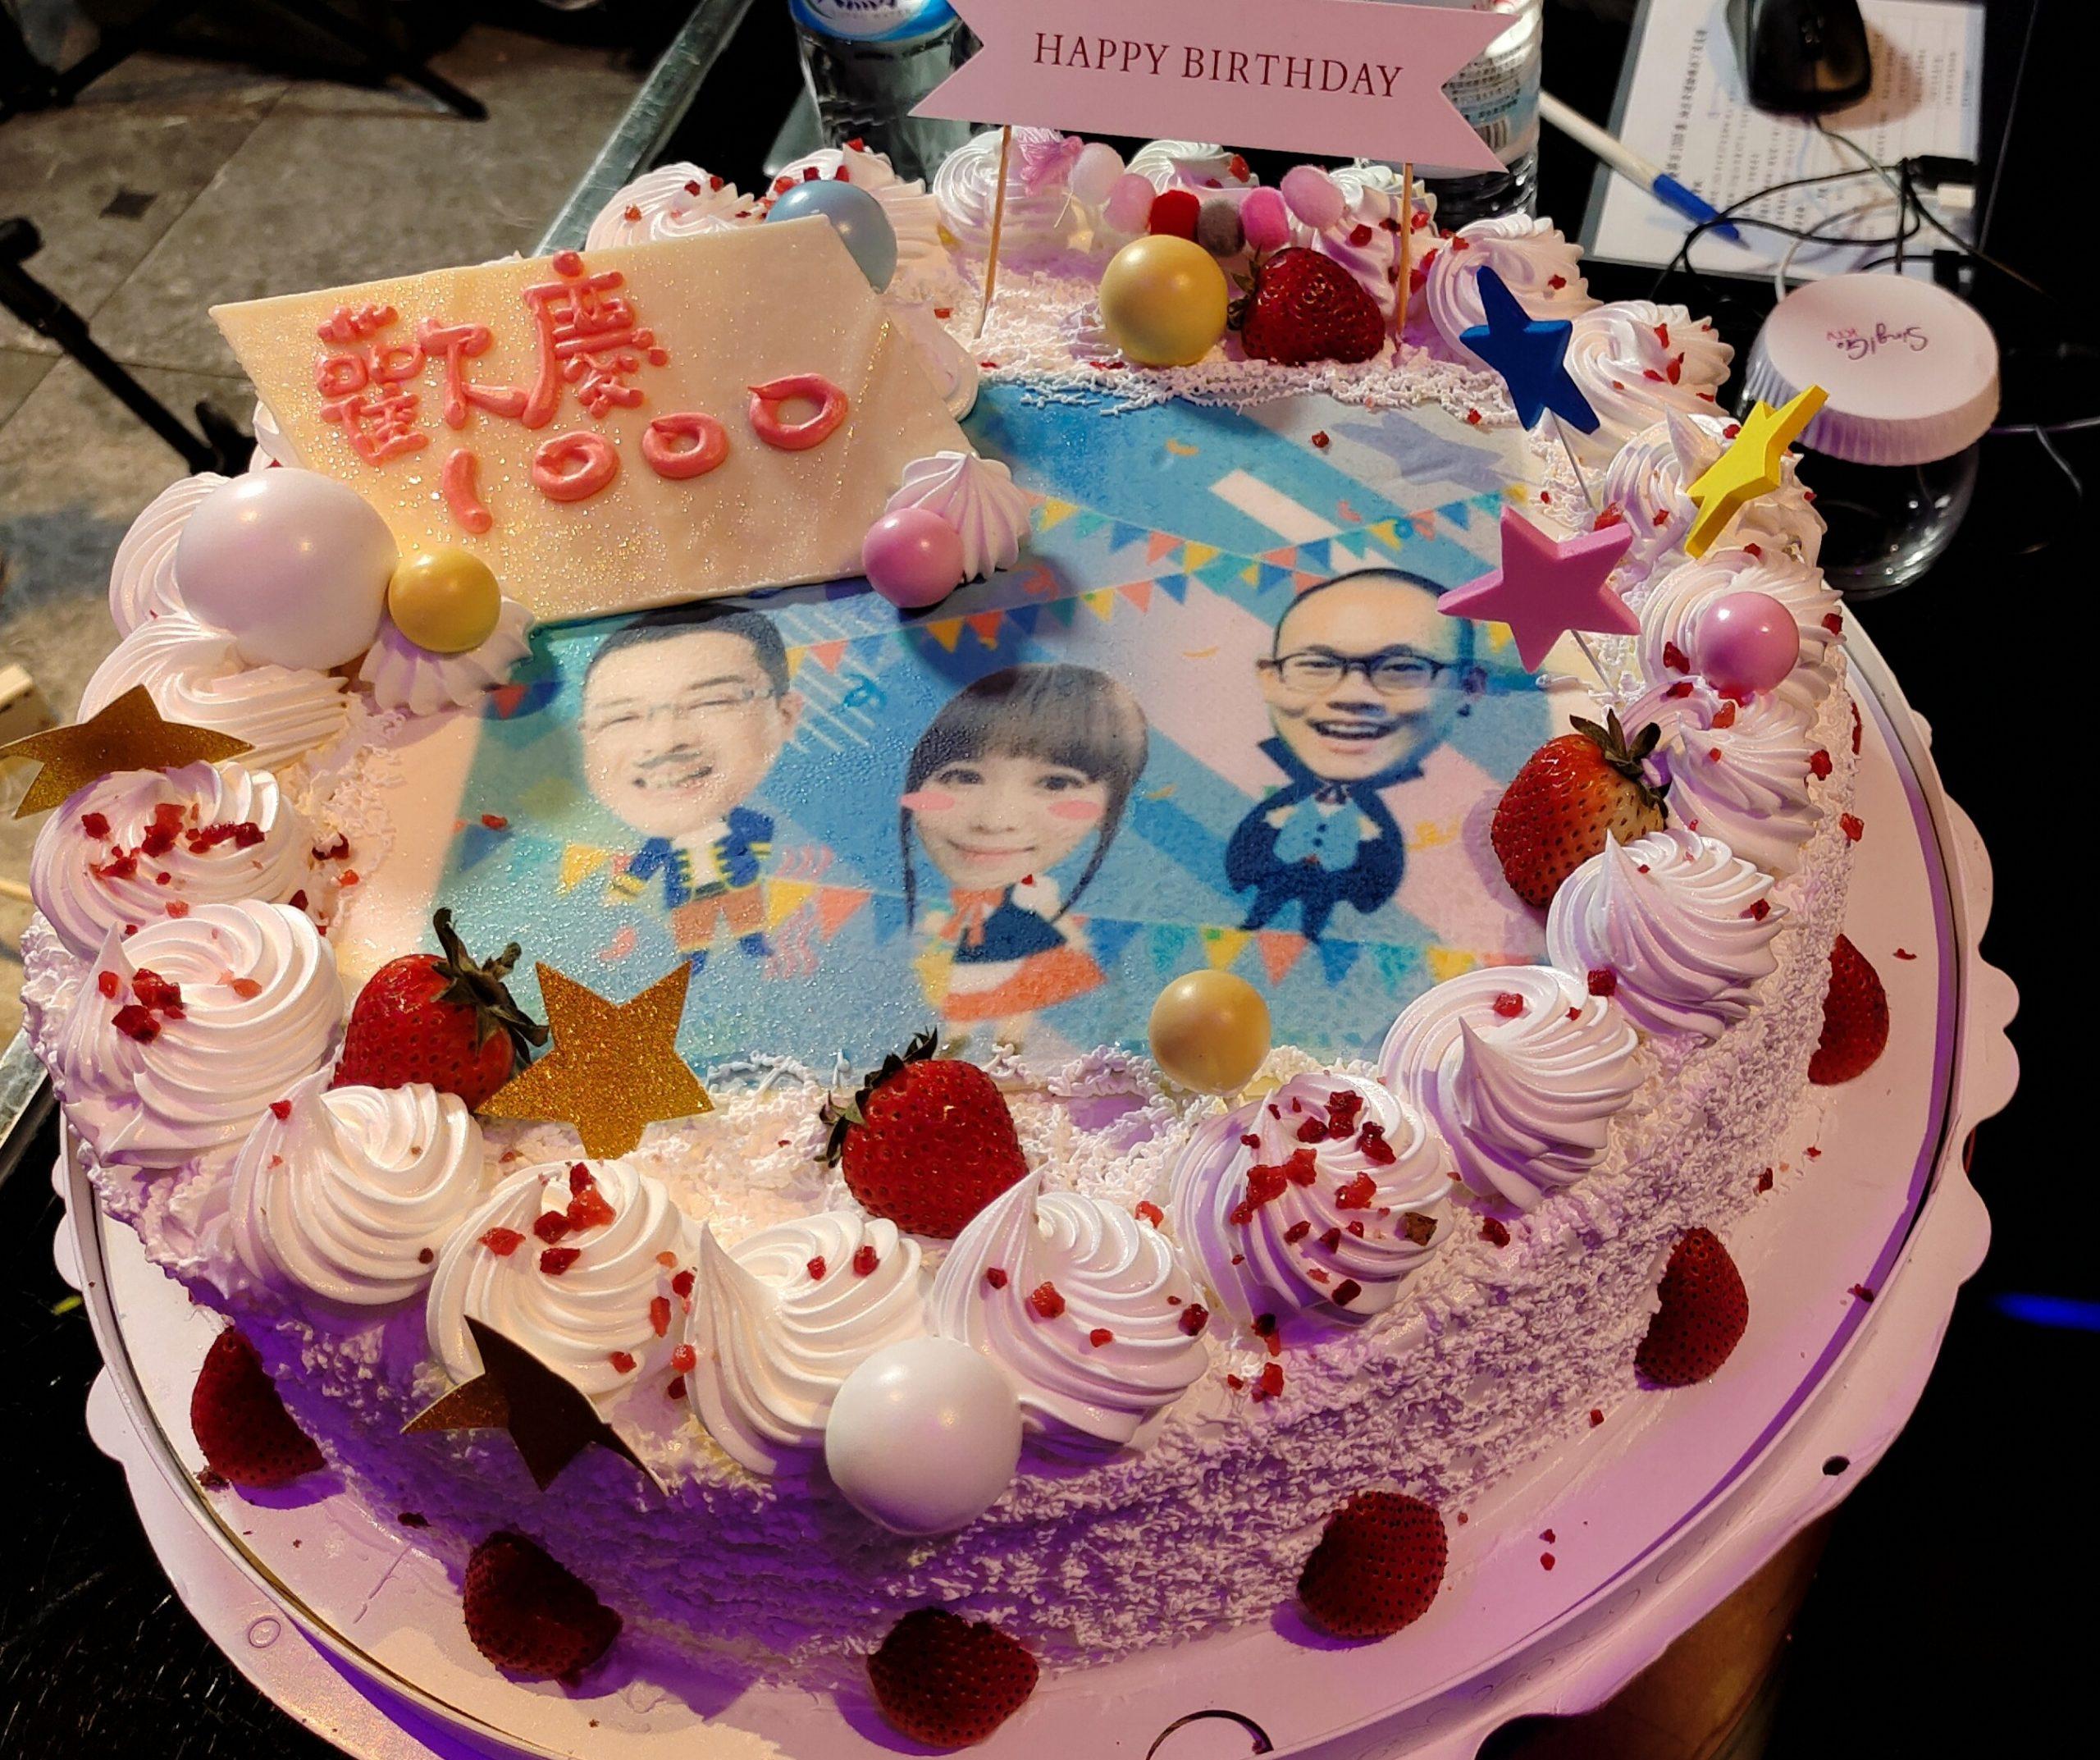 【歡慶講客1千集】  陳明珠 鍾年晃 卡爾 回饋粉絲超嗨直播